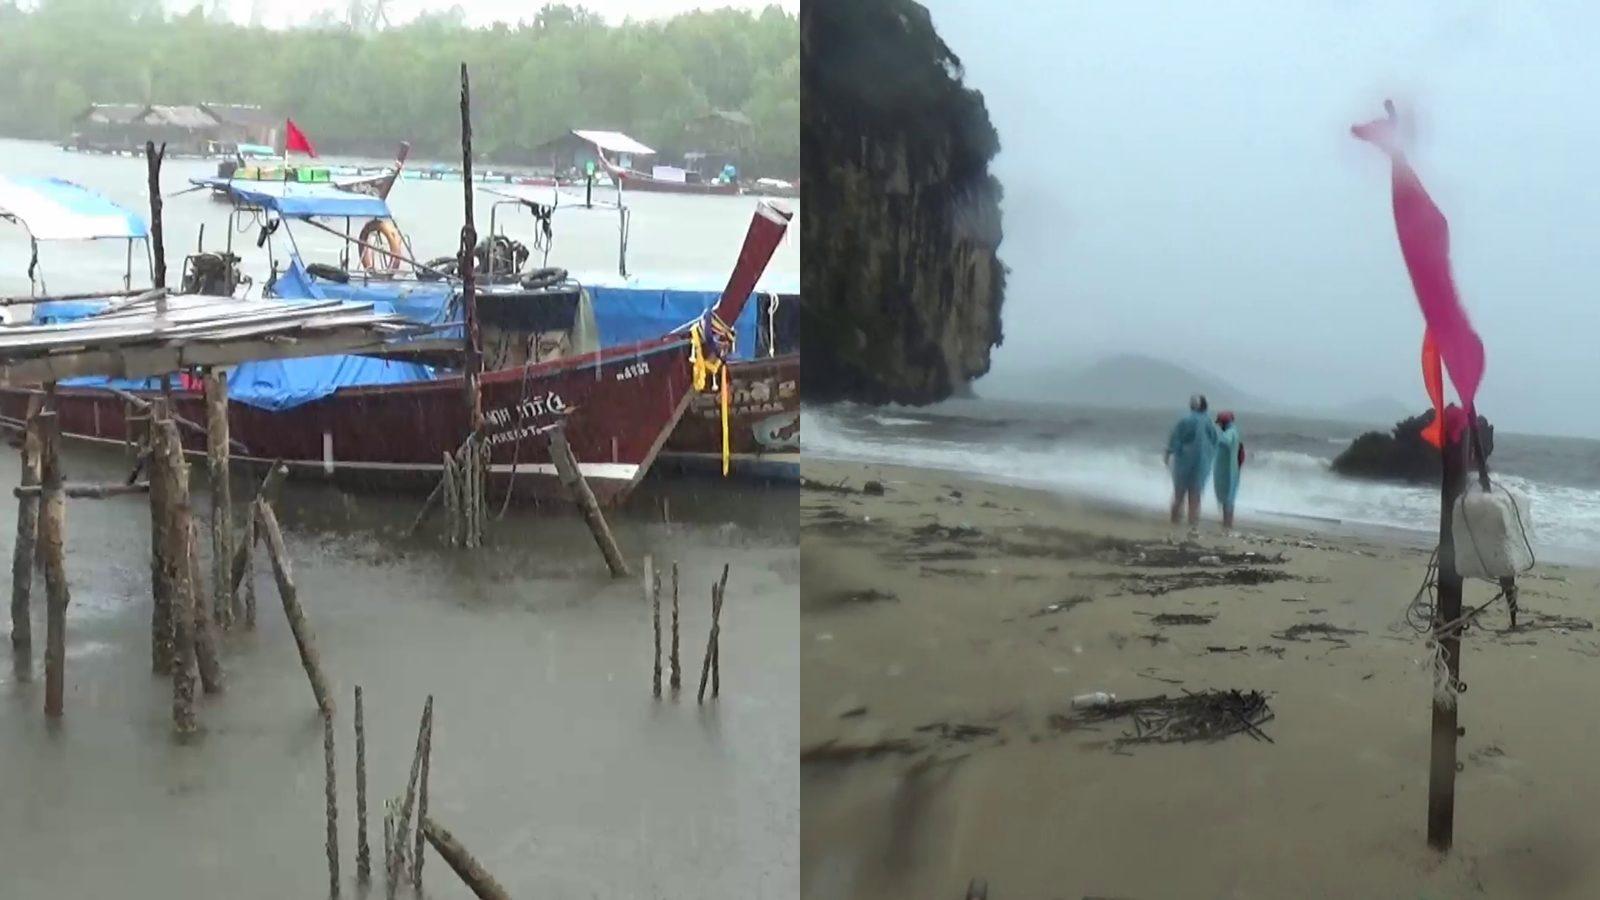 พายุโนอึลกระหน่ำ คลื่นลมทะเลคลั่ง เรือโดยสาร 3 เกาะตรังหยุดให้บริการชั่วคราว